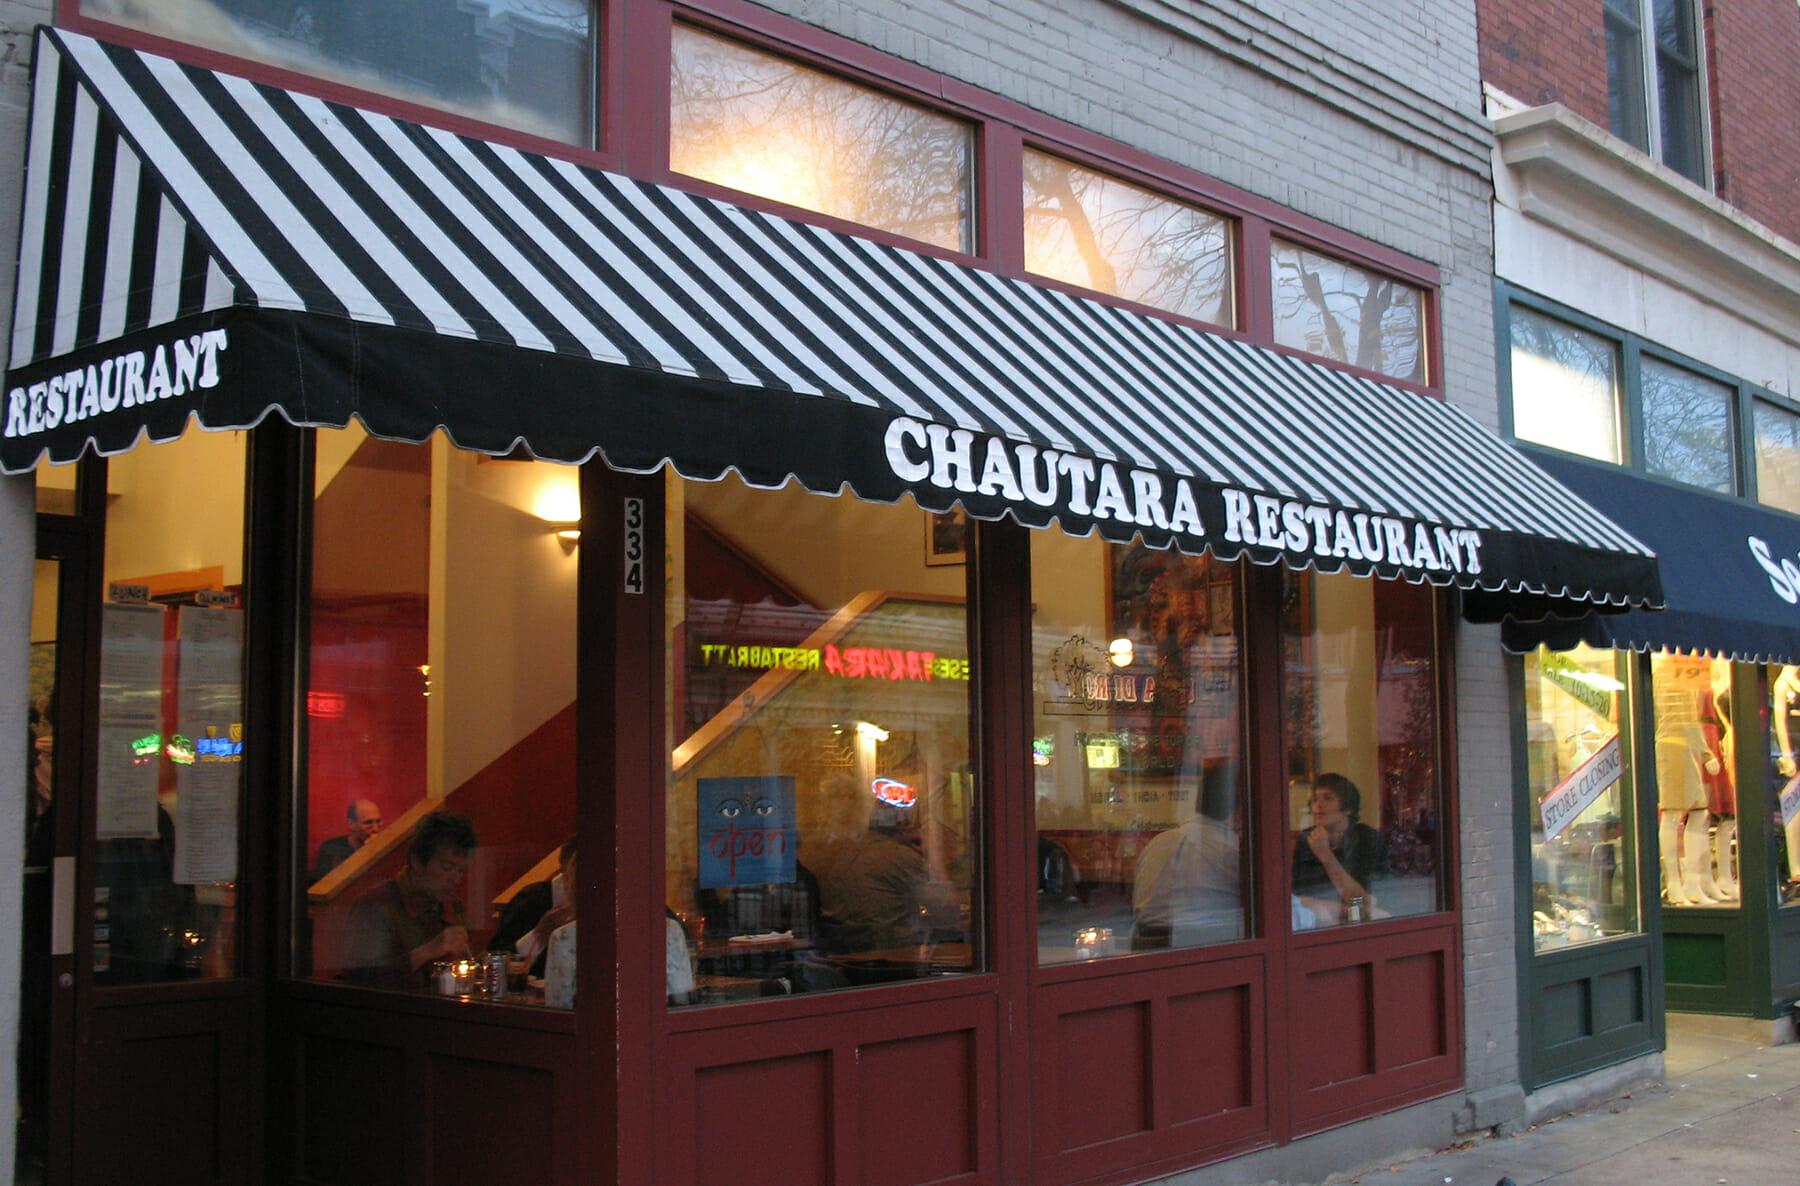 Chautara Nepali Restaurant